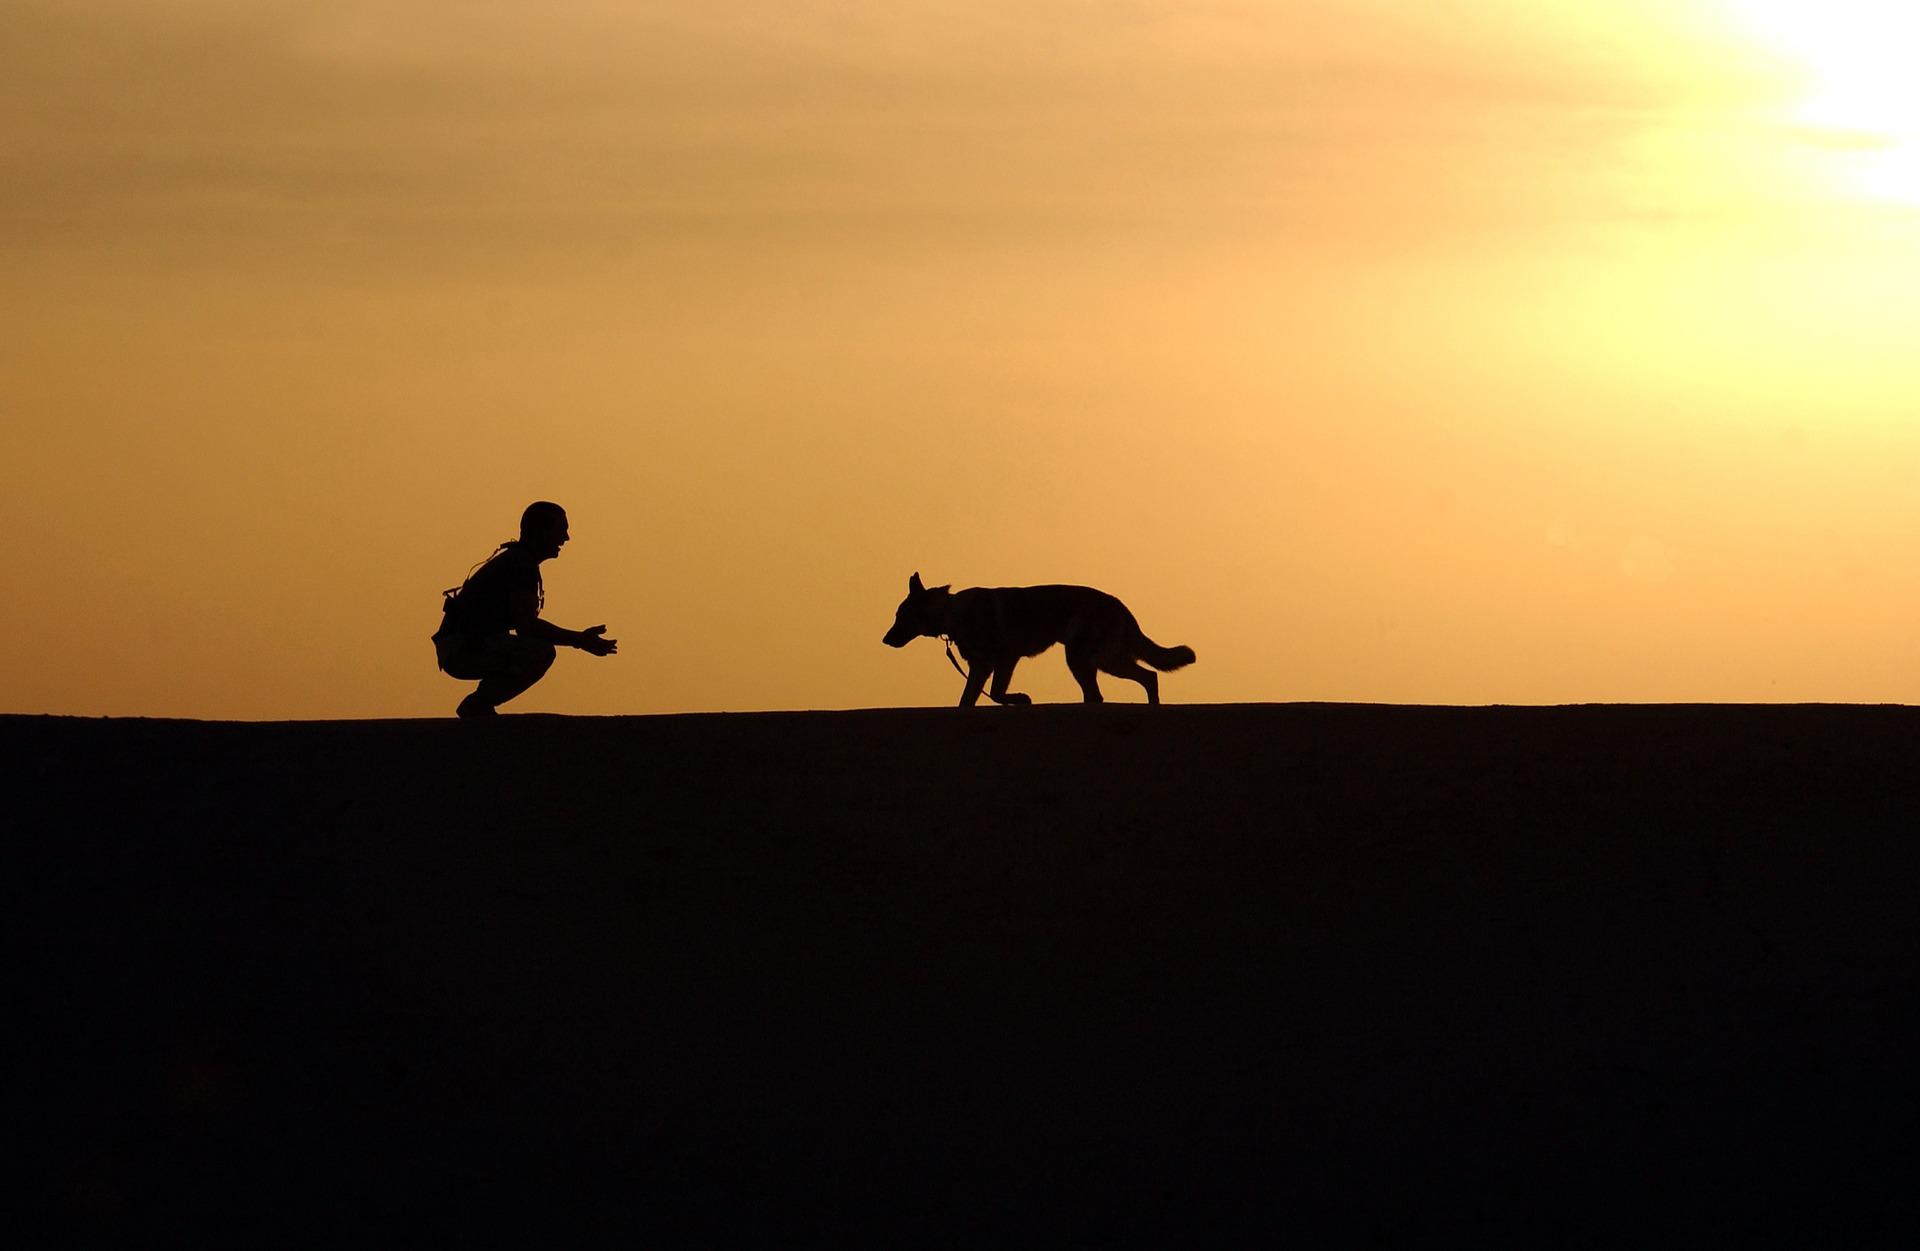 夕暮れ 犬と人